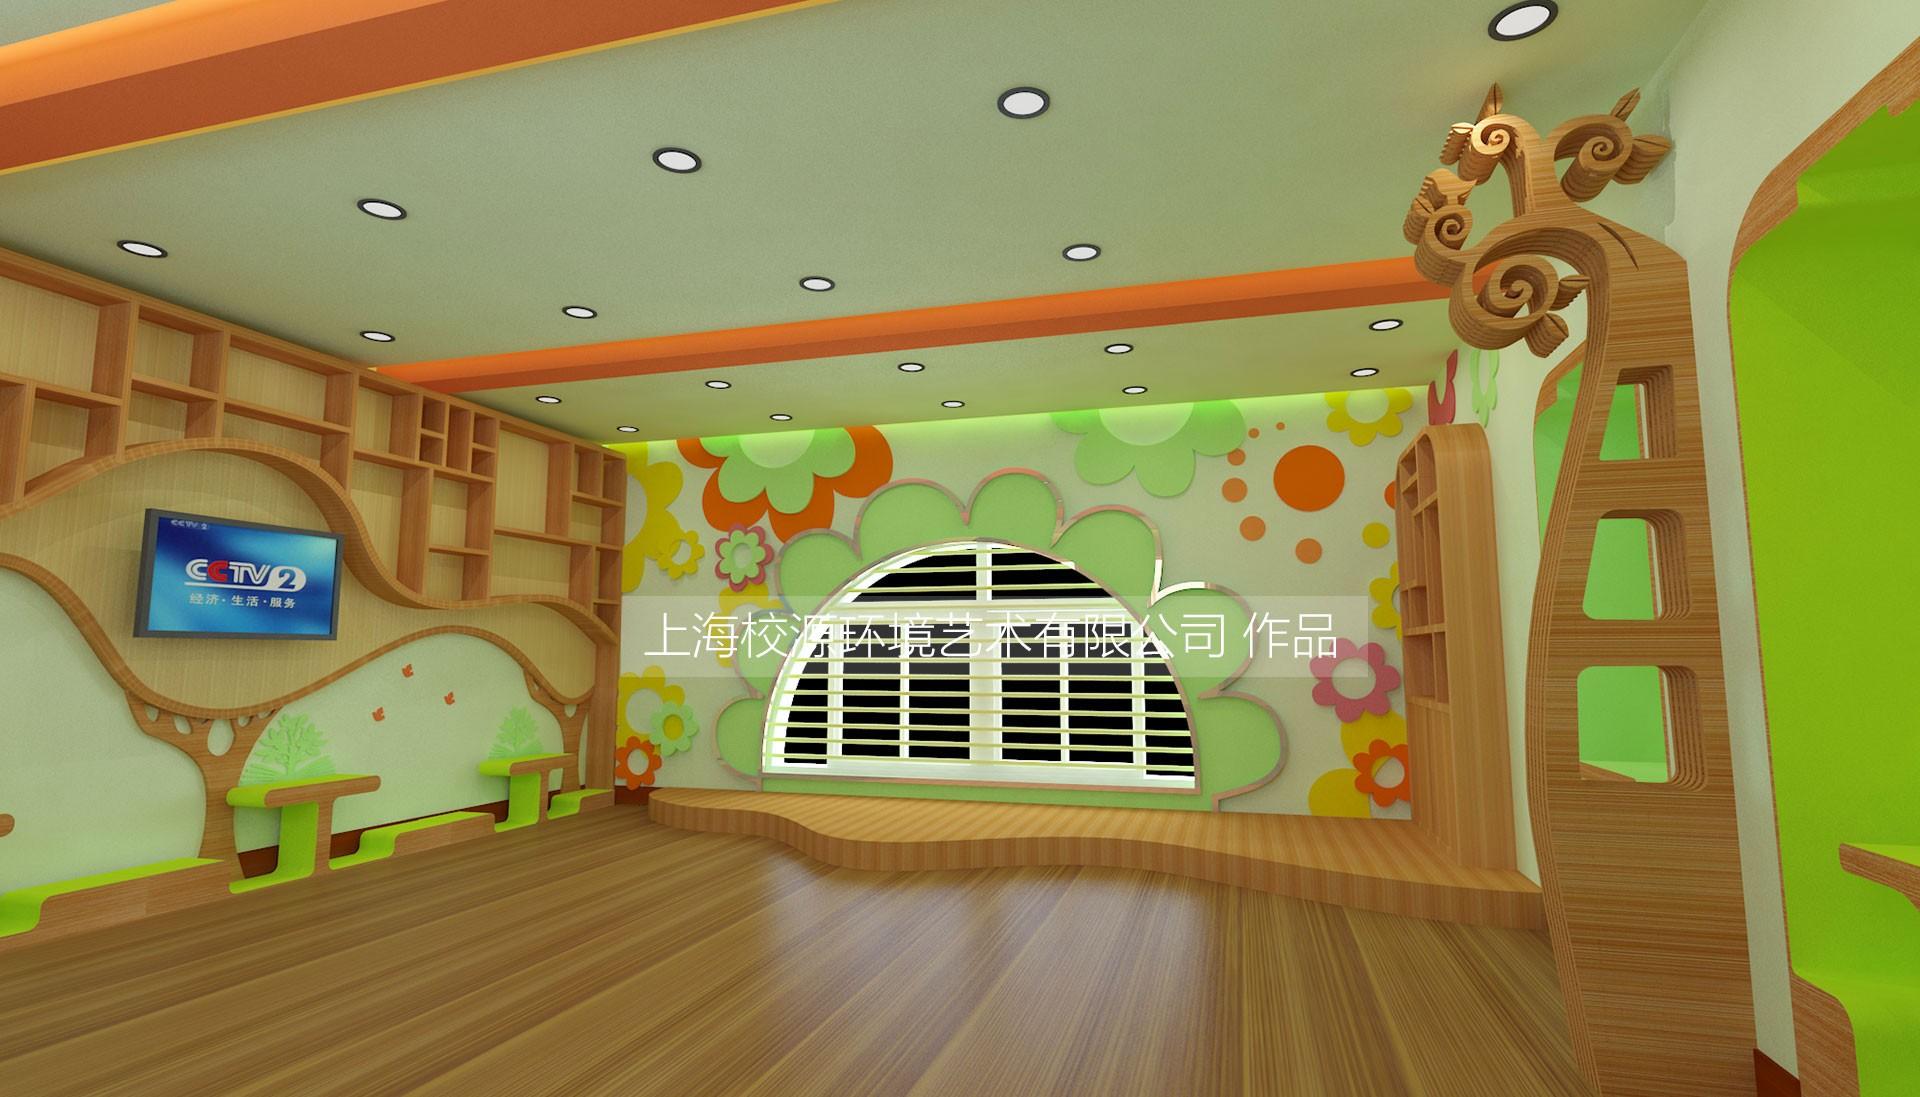 上海幼儿园 阅览室